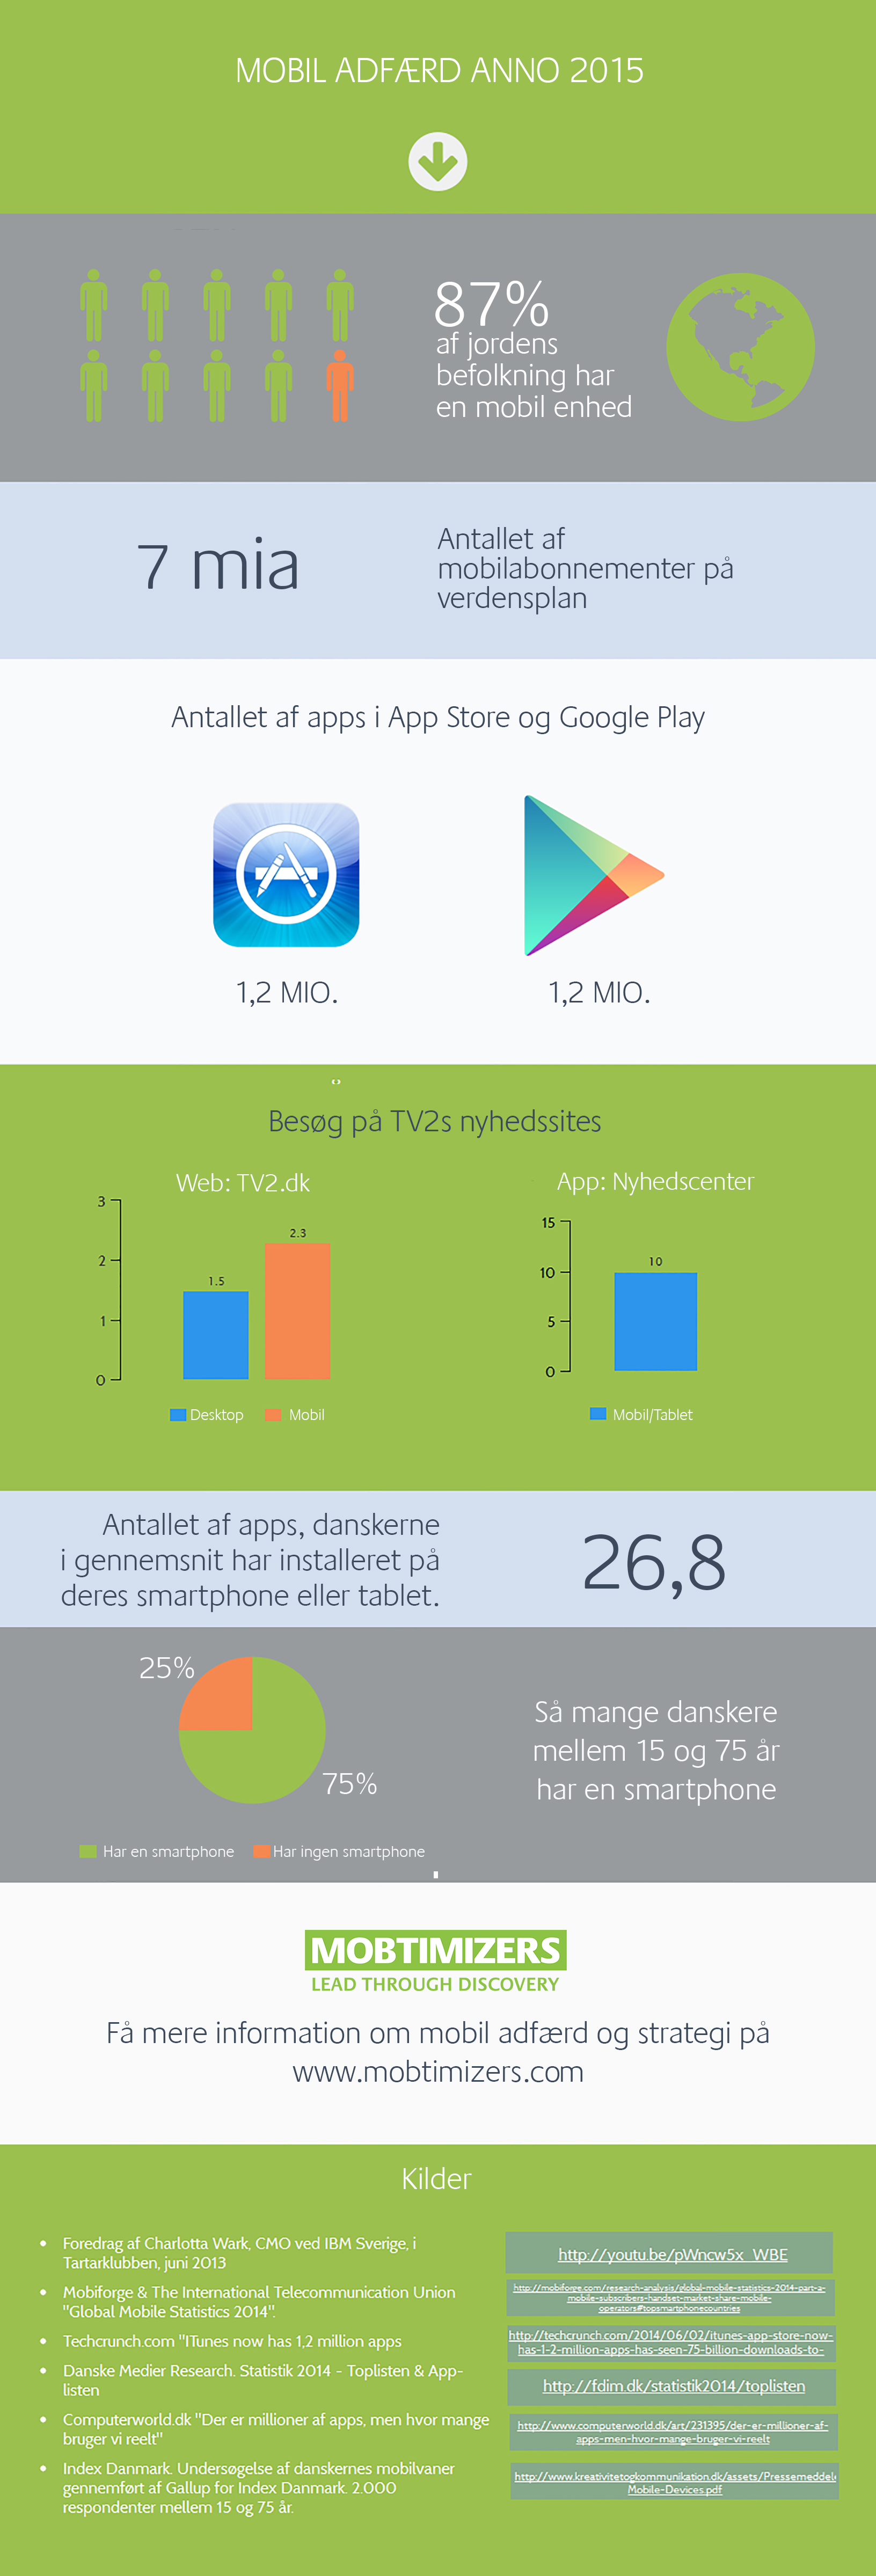 Statistik over mobil adfærd i anno 2015. #mobil strategi. #mobil adfærd